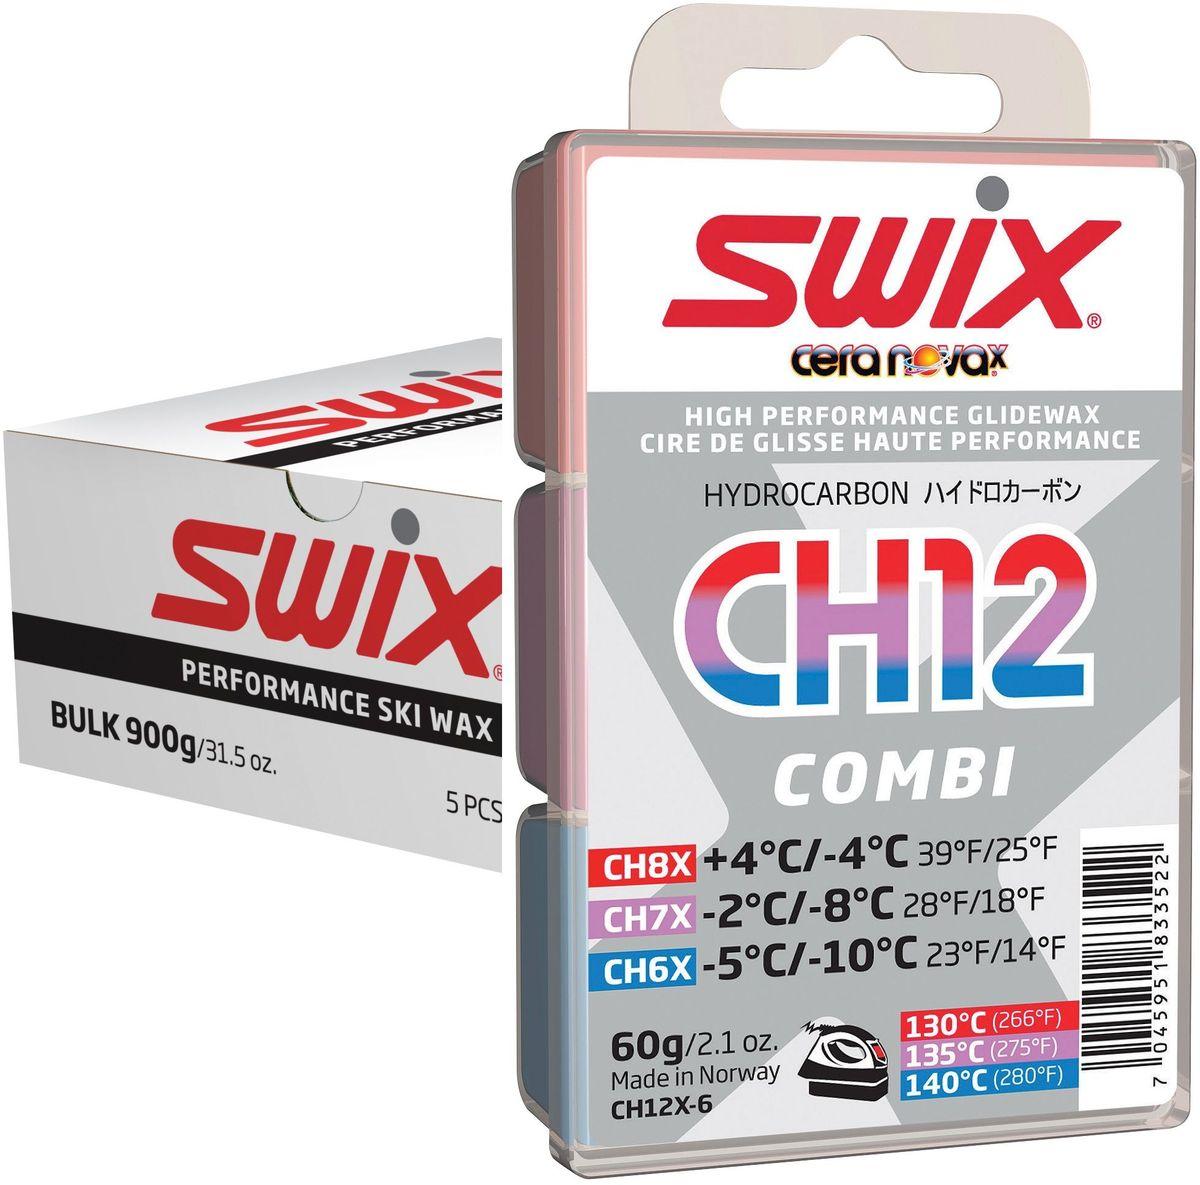 Набор мазей скольжения Swix CH12X Combi Nordic: CH4X, CH6X, CH7X, CH8X, CH10X, по 180 гCH12XN-900Содержит: 2 x 180 г CHX5, 1 x 180 г CHX6, CHX7 и CHX8. CH05X-6 Температурный диапазон от -8°C до-14°С. Рекомендуемая температура утюга 150°С. Серия 5 является новой в линии Cera Nova X, и заполняет разрыв по твердости между 4-й и 6-й категориями мазей. Легче наносится, чем мази 4й серии, и обеспечивает прекрасные свойства скольжения в пределах своего темпера турного диапазона. Обладает высокой износоустойчивостью. Может использоваться самостоятельно в качестве гоночной мази, но чаще всего служит базовым слоем под порошок FC05X. CH06X-6 Температурный диапазон от -5°C до-10°С. Рекомендуемая температура утюга 145°С. Стандартная мазь CH6 была успешной в старой системе Cera Nova, и продолжила свое существование в мази CH06X новой системы. Бюджетная мазь для гонок и тренировок с прекрасными рабочими характеристиками. Также может использоваться в качестве мази для базовой подготовки холодных лыж. CH06X имеет высокую износоустойчивость и показывает прекрасные рабочие характеристики на...